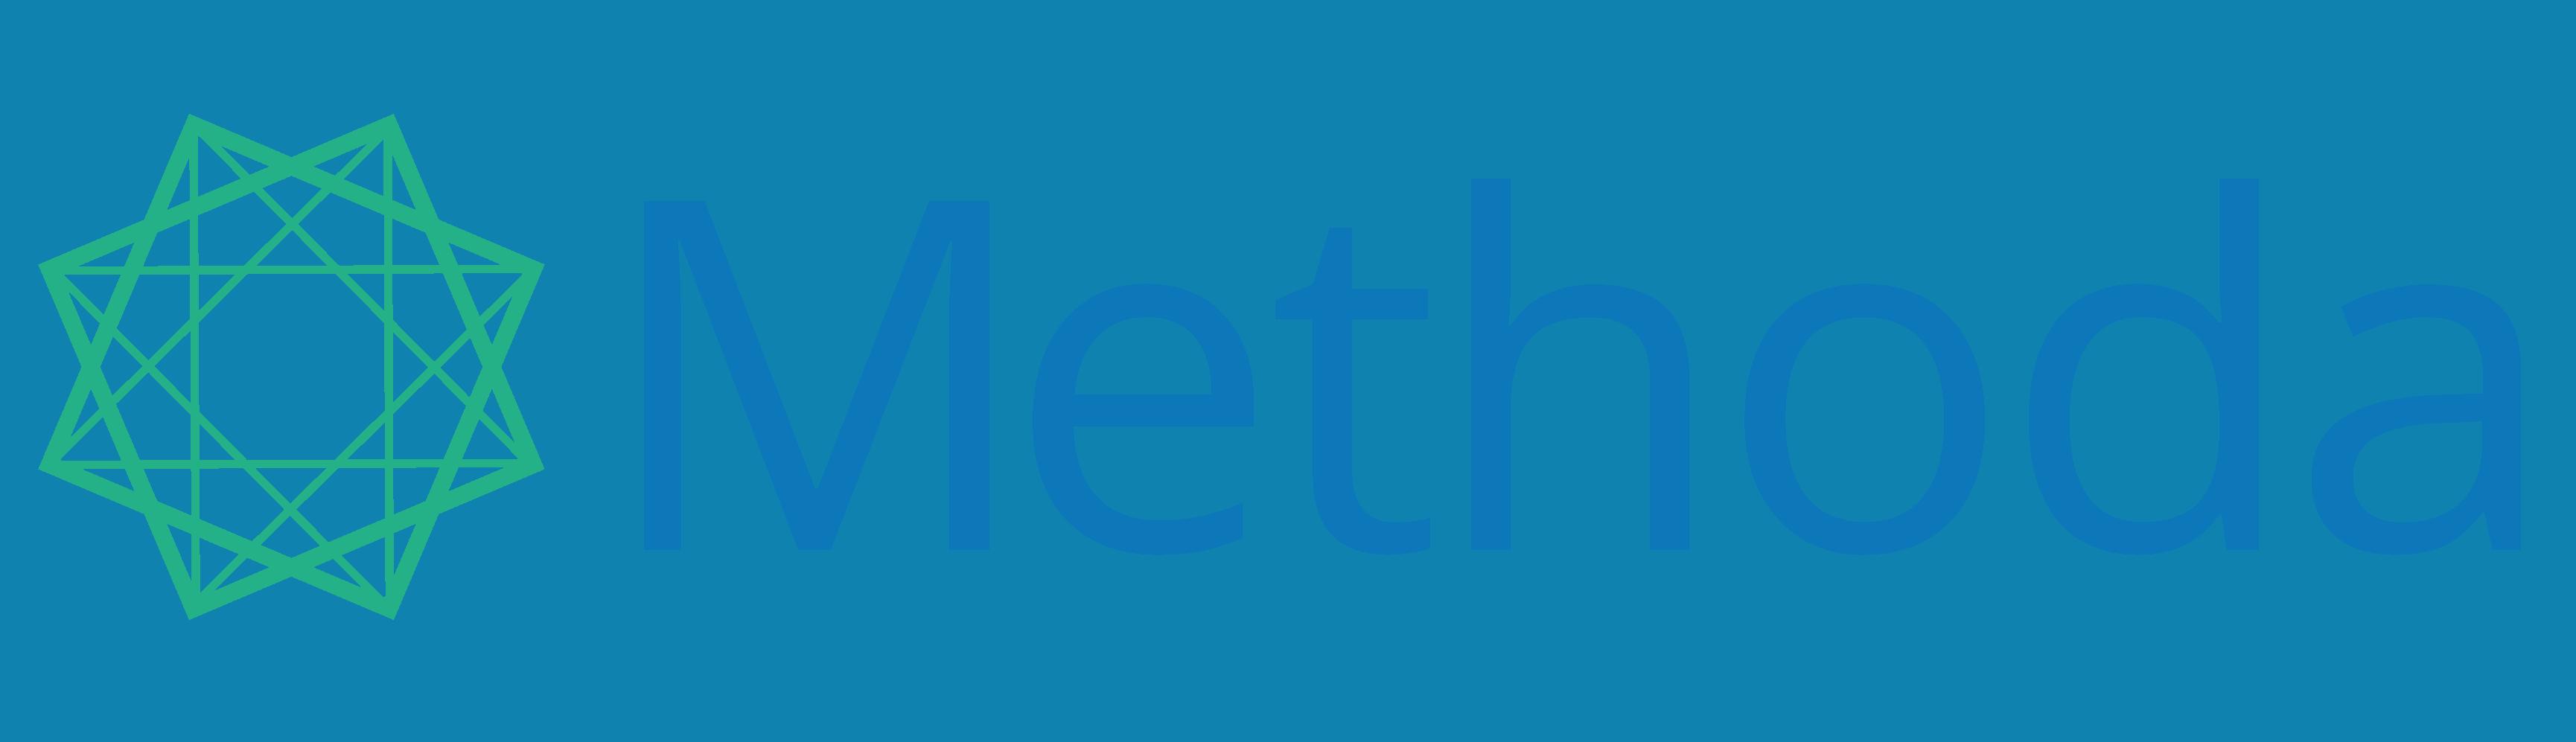 Methoda new logo